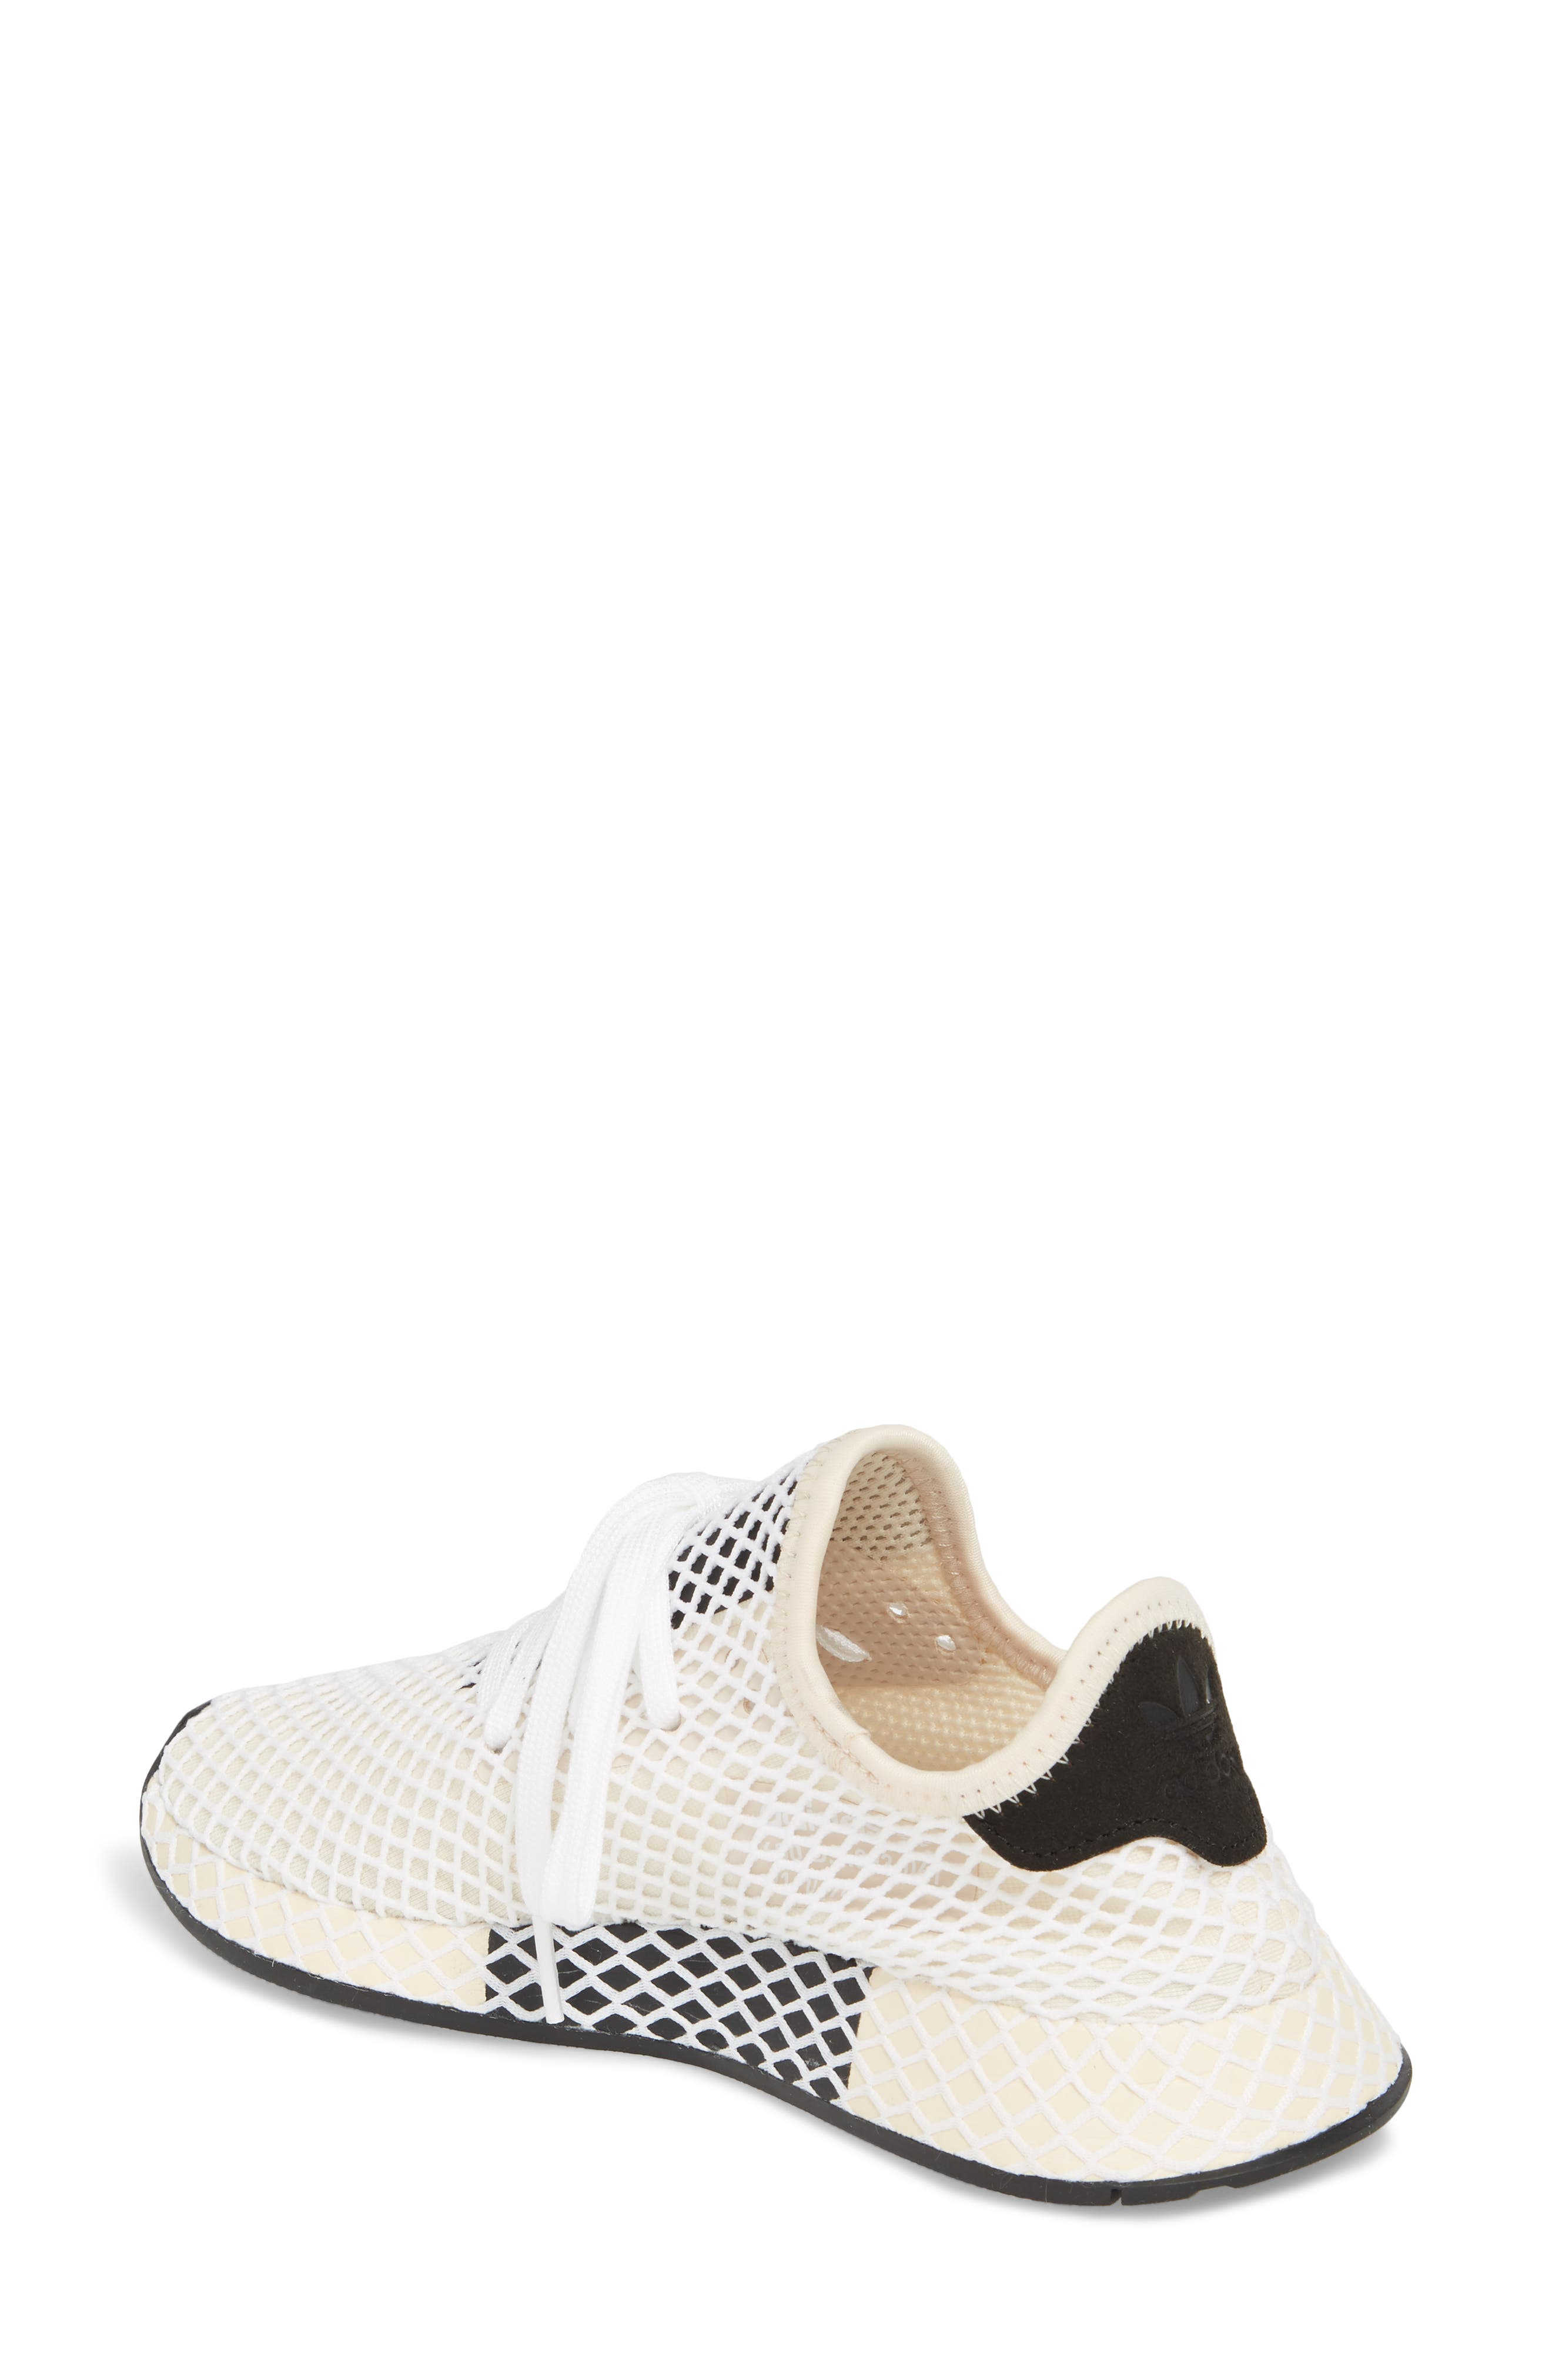 Deerupt Runner Sneaker,                             Alternate thumbnail 2, color,                             Linen/ Linen/ Ecru Tint